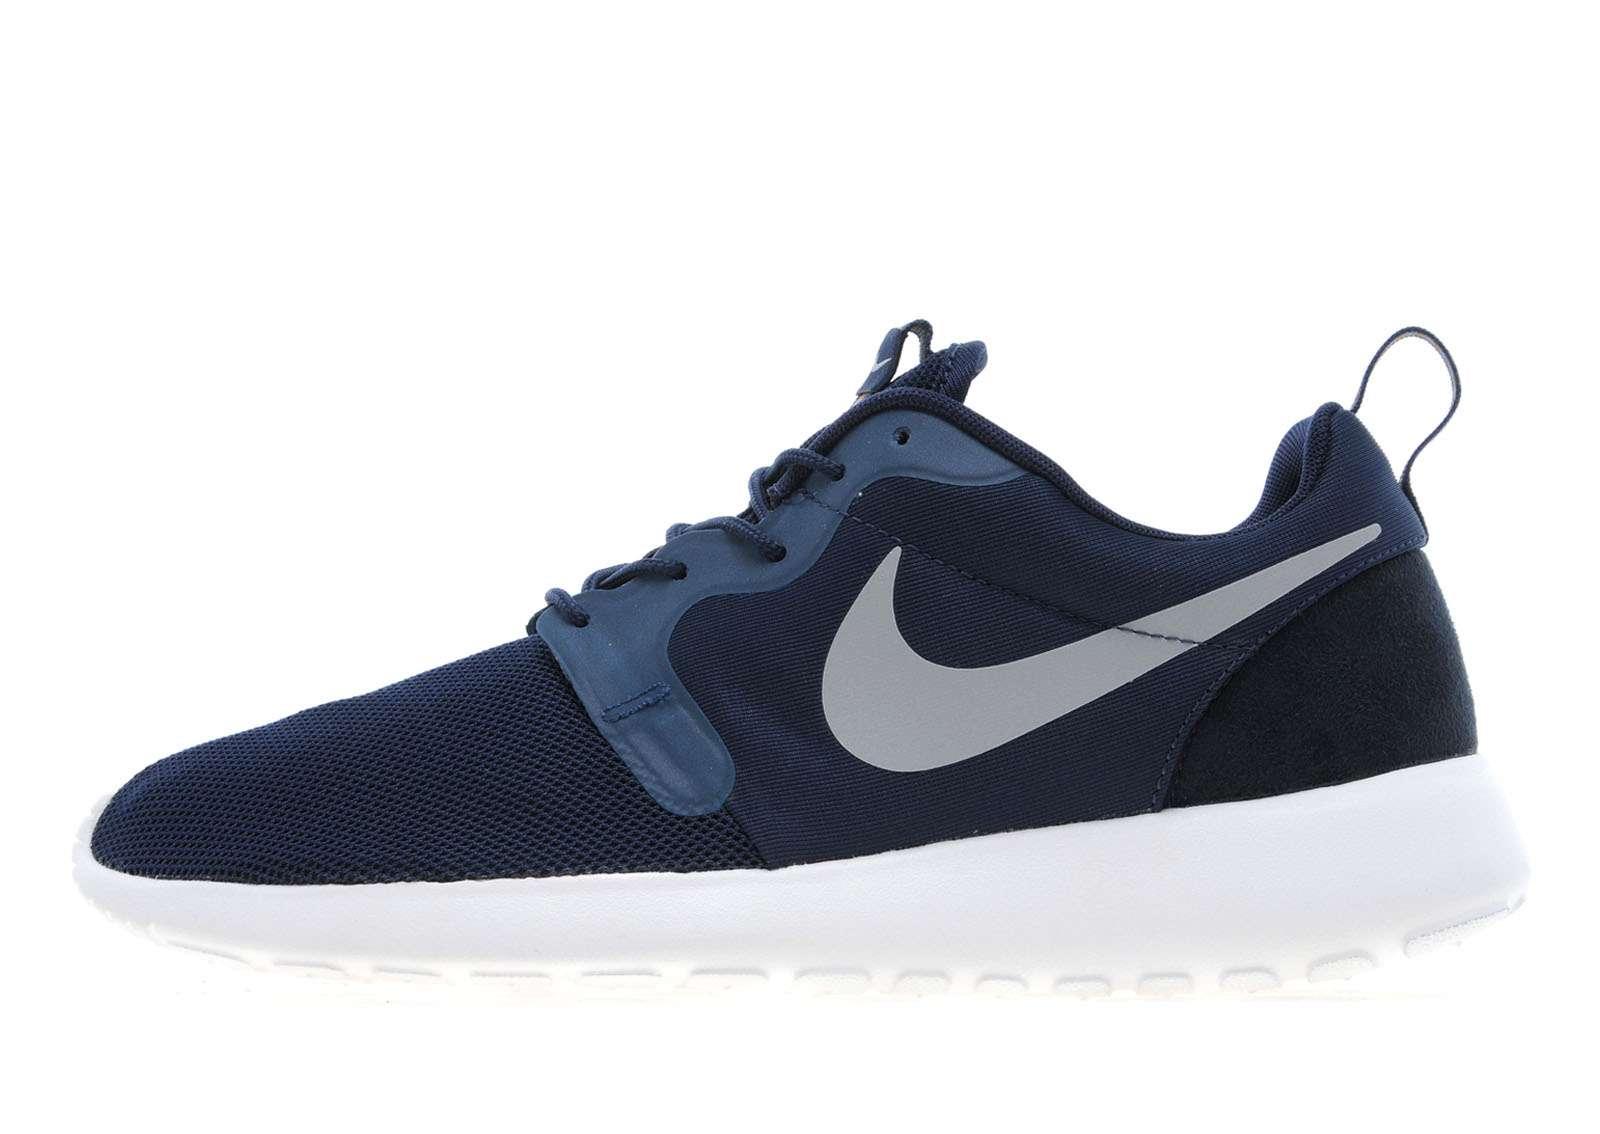 Nike Roshe Run Hyperfuse